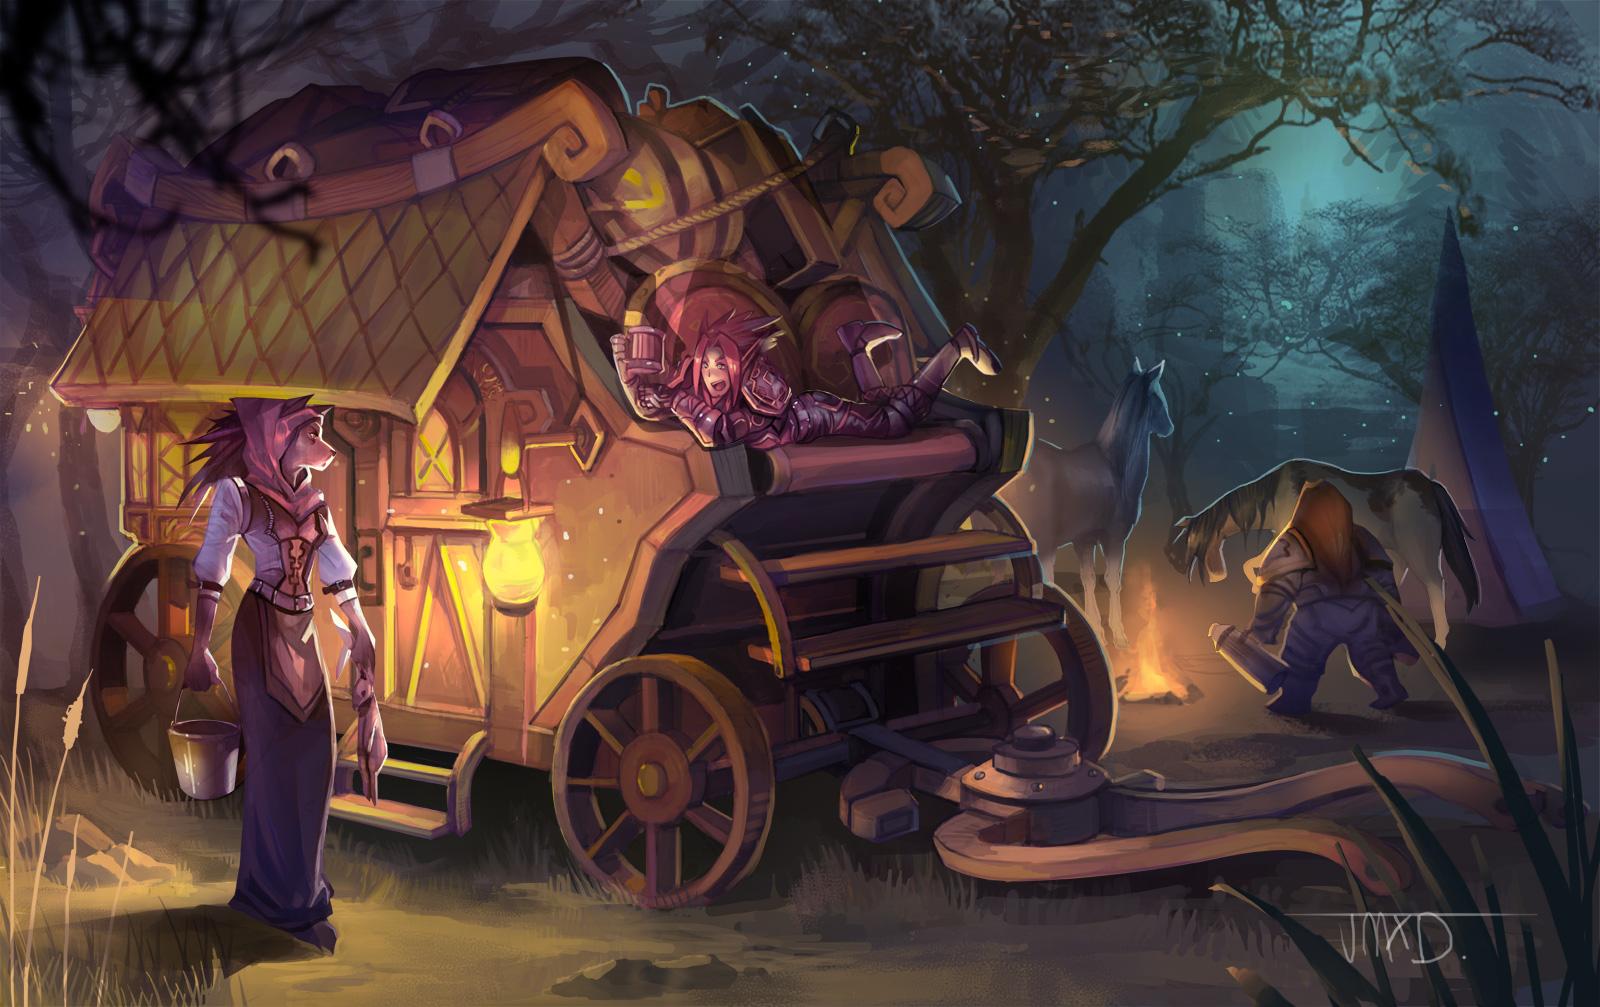 Fiona's Caravan by JMXD